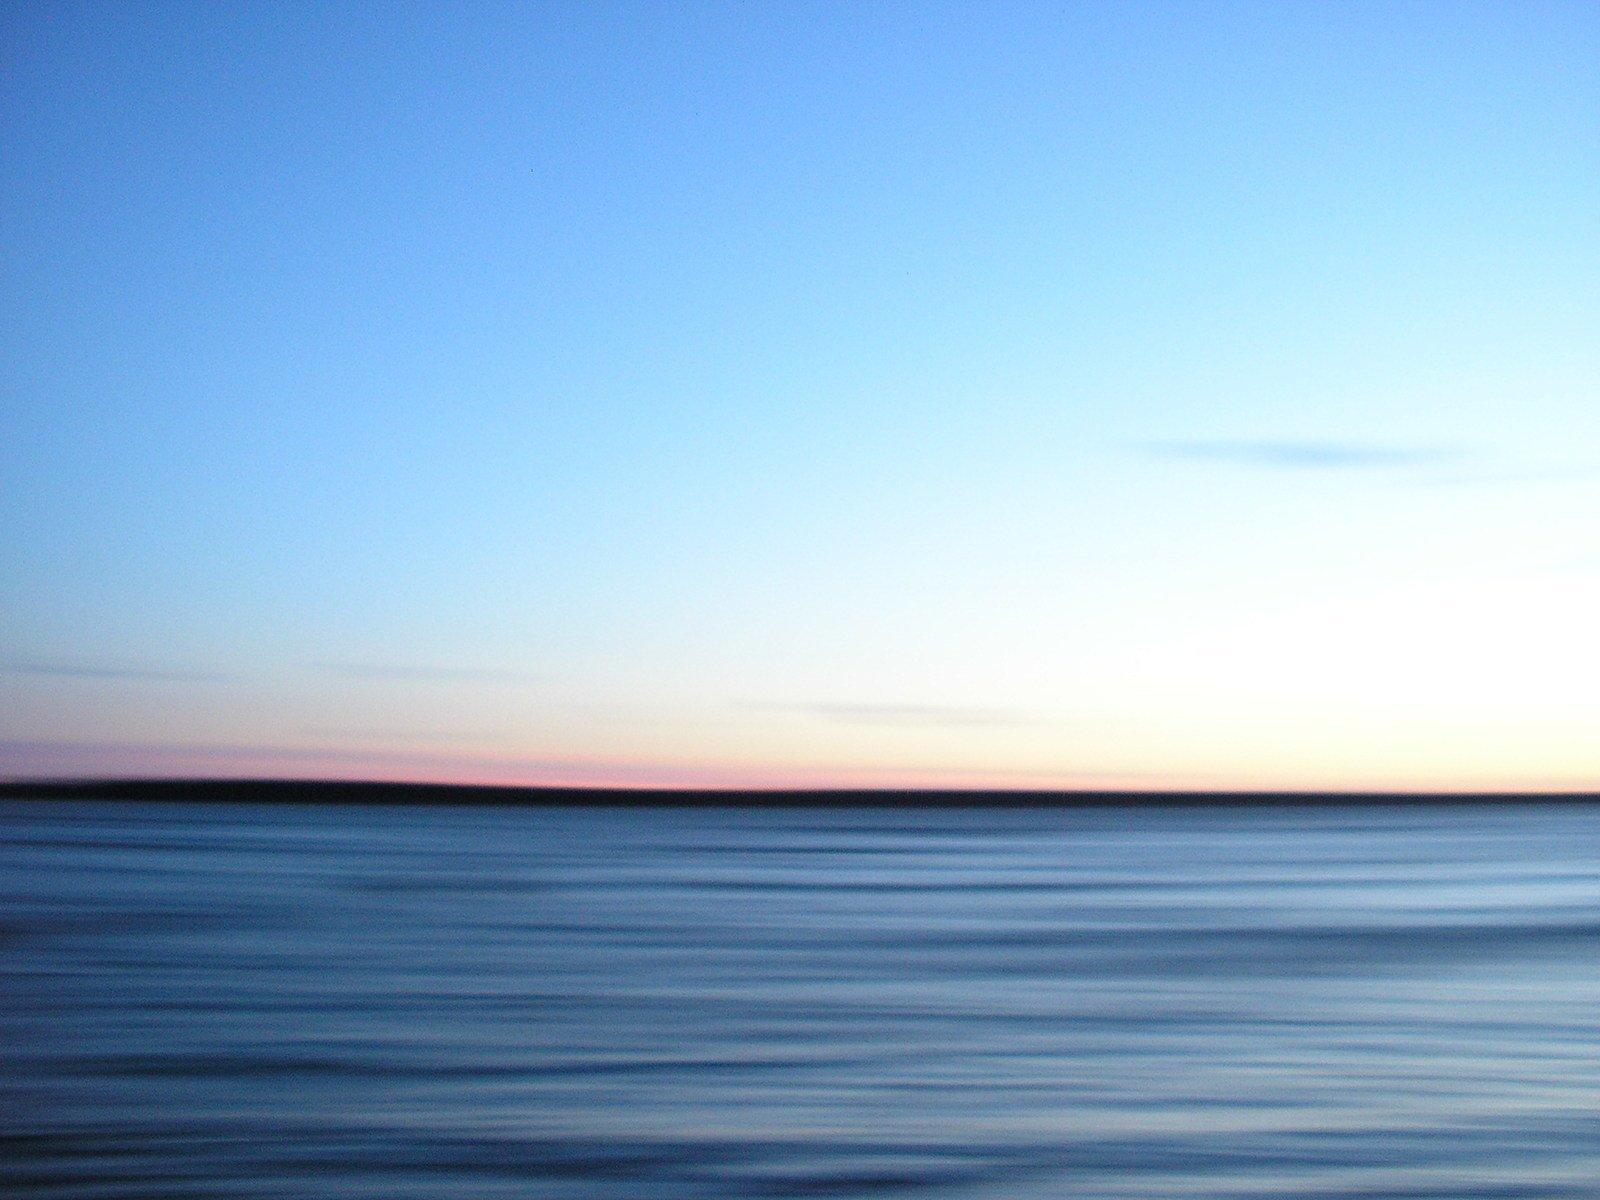 The Sea 1198167.jpg